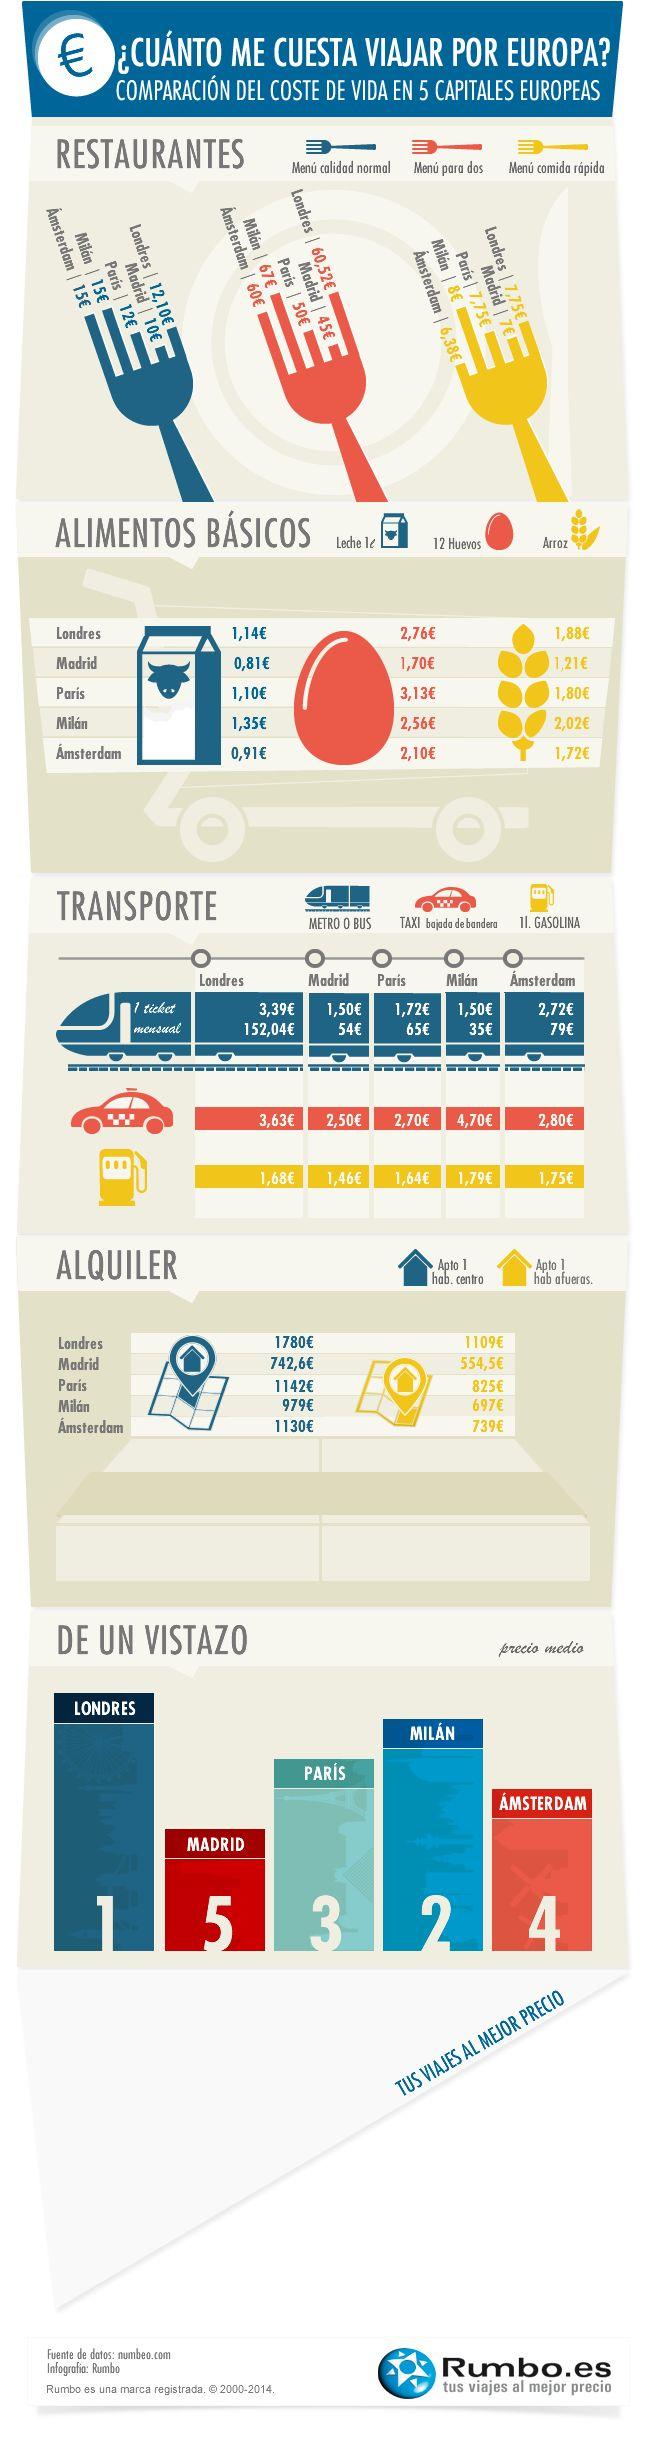 Cuánto me cuesta viajar por Europa #infografia #infographic #tourism | TICs y Formación